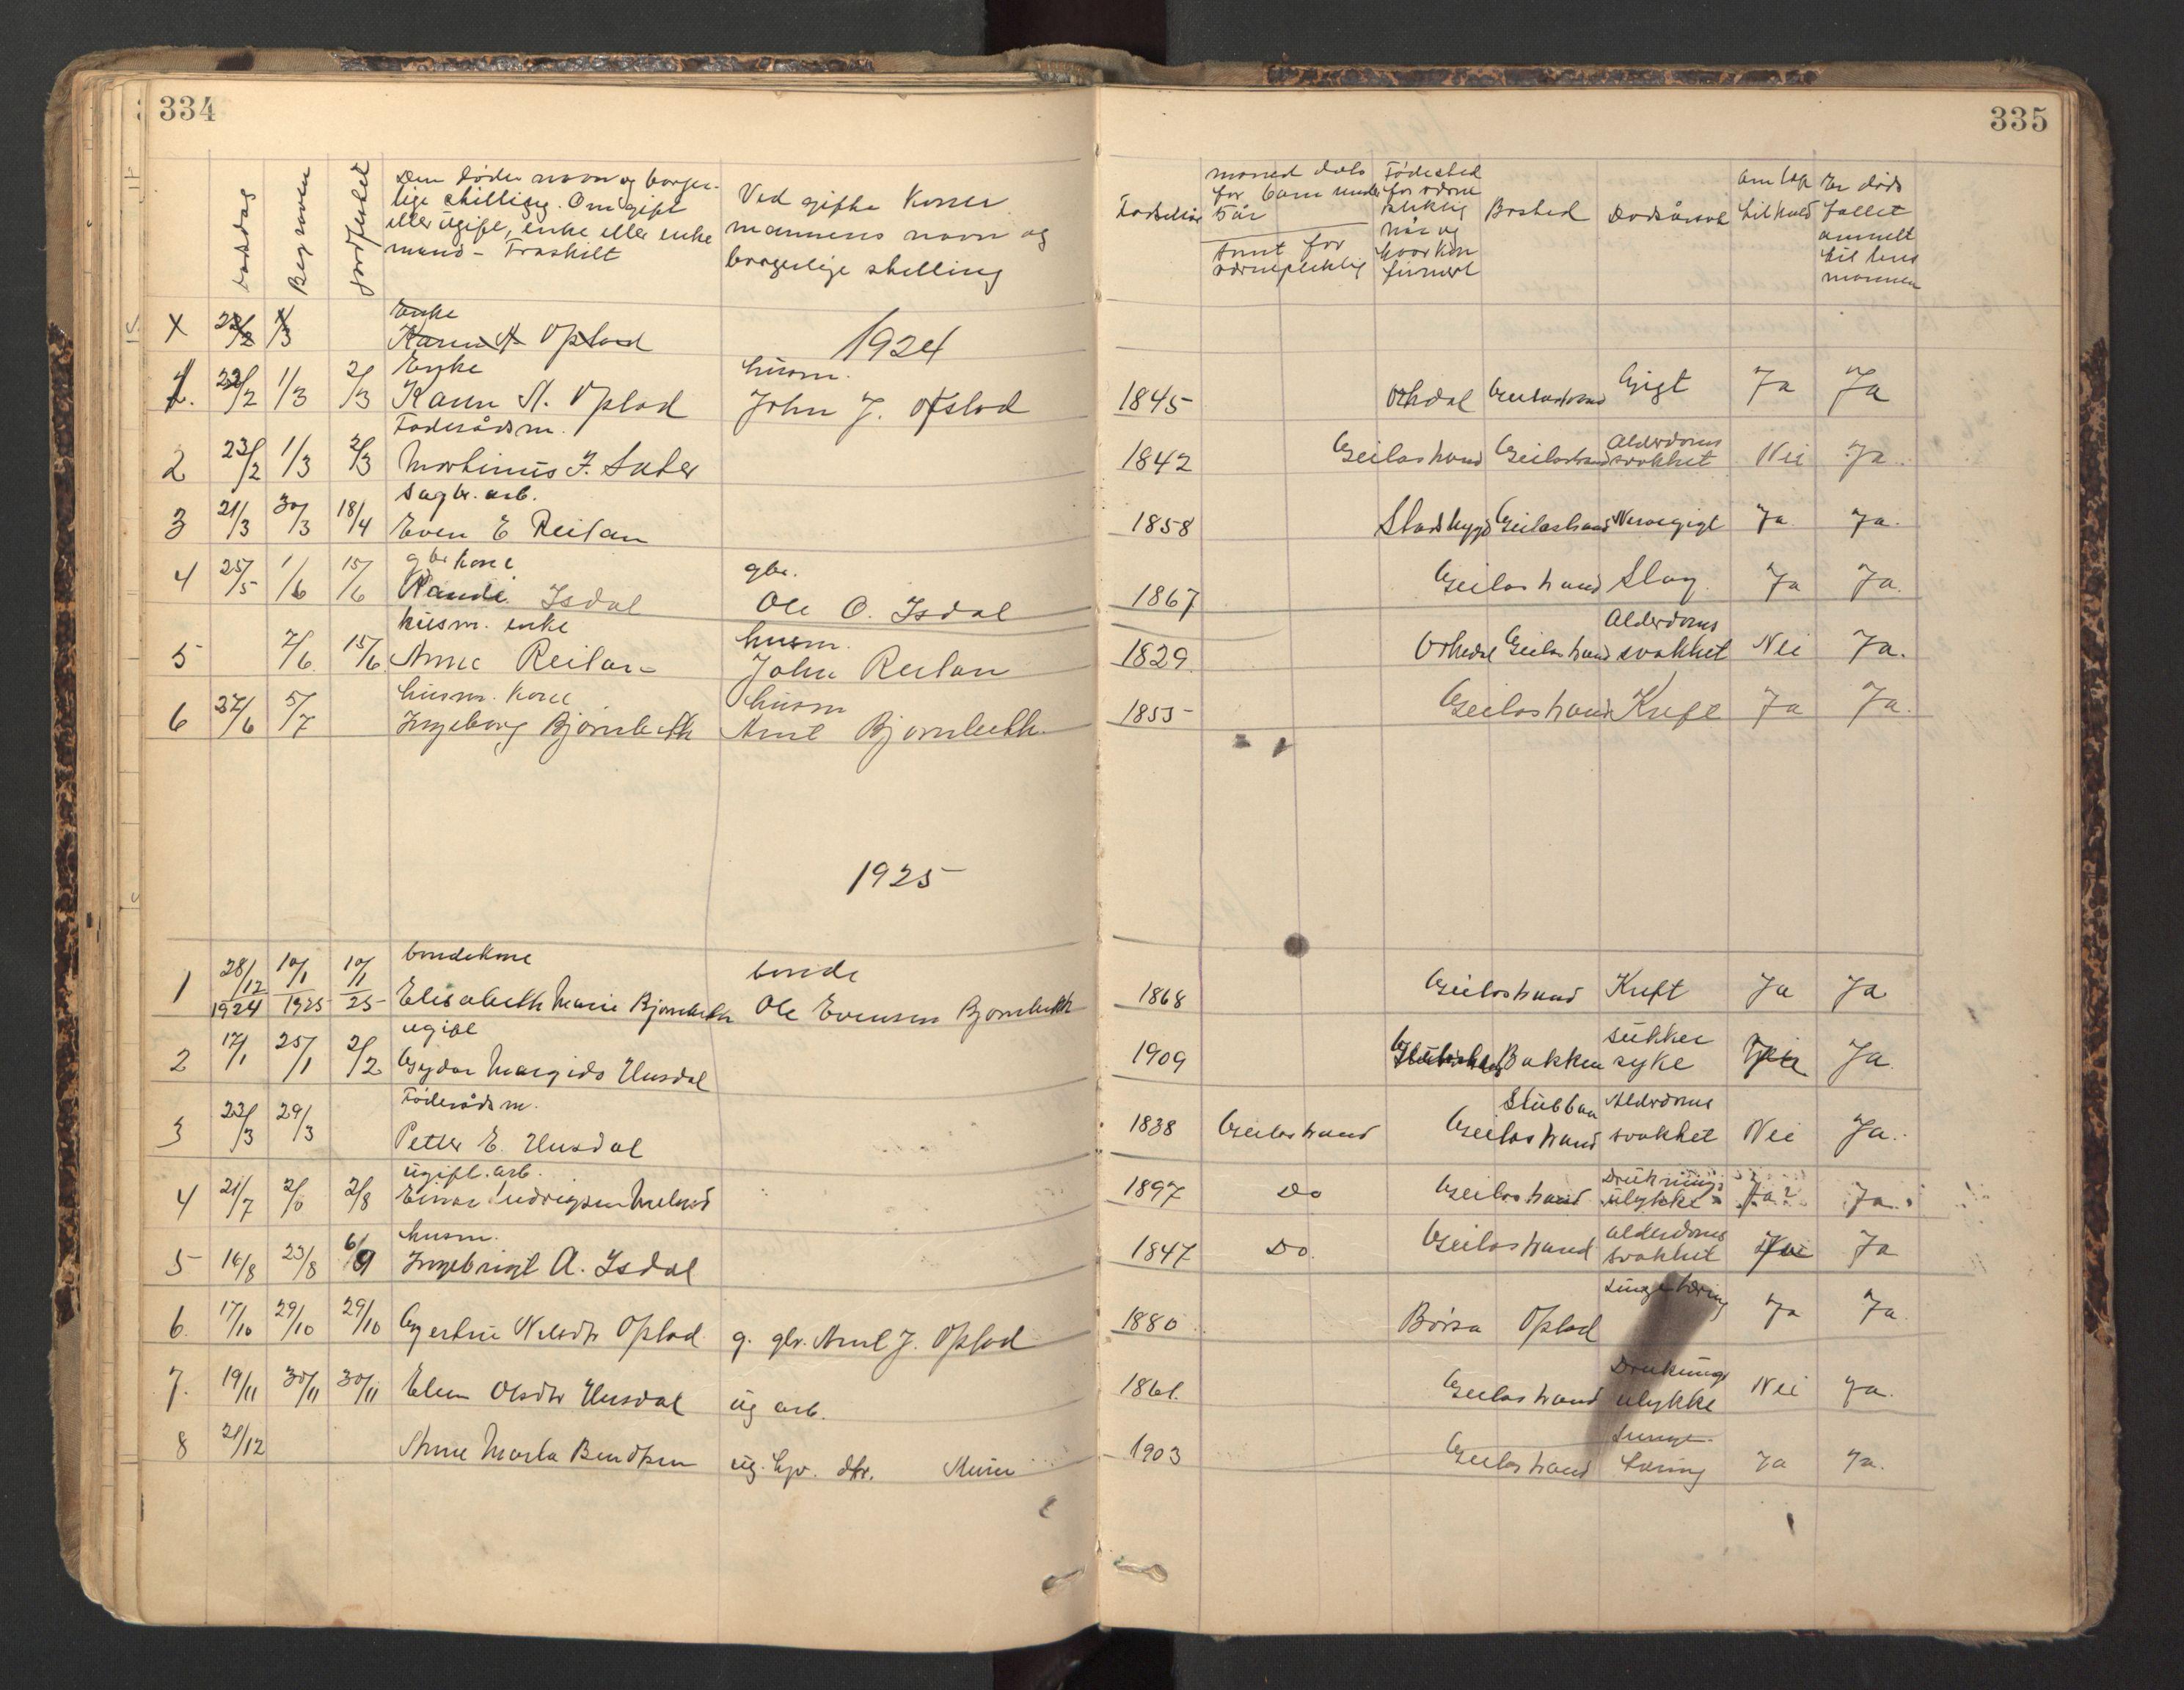 SAT, Ministerialprotokoller, klokkerbøker og fødselsregistre - Sør-Trøndelag, 670/L0837: Klokkerbok nr. 670C01, 1905-1946, s. 334-335